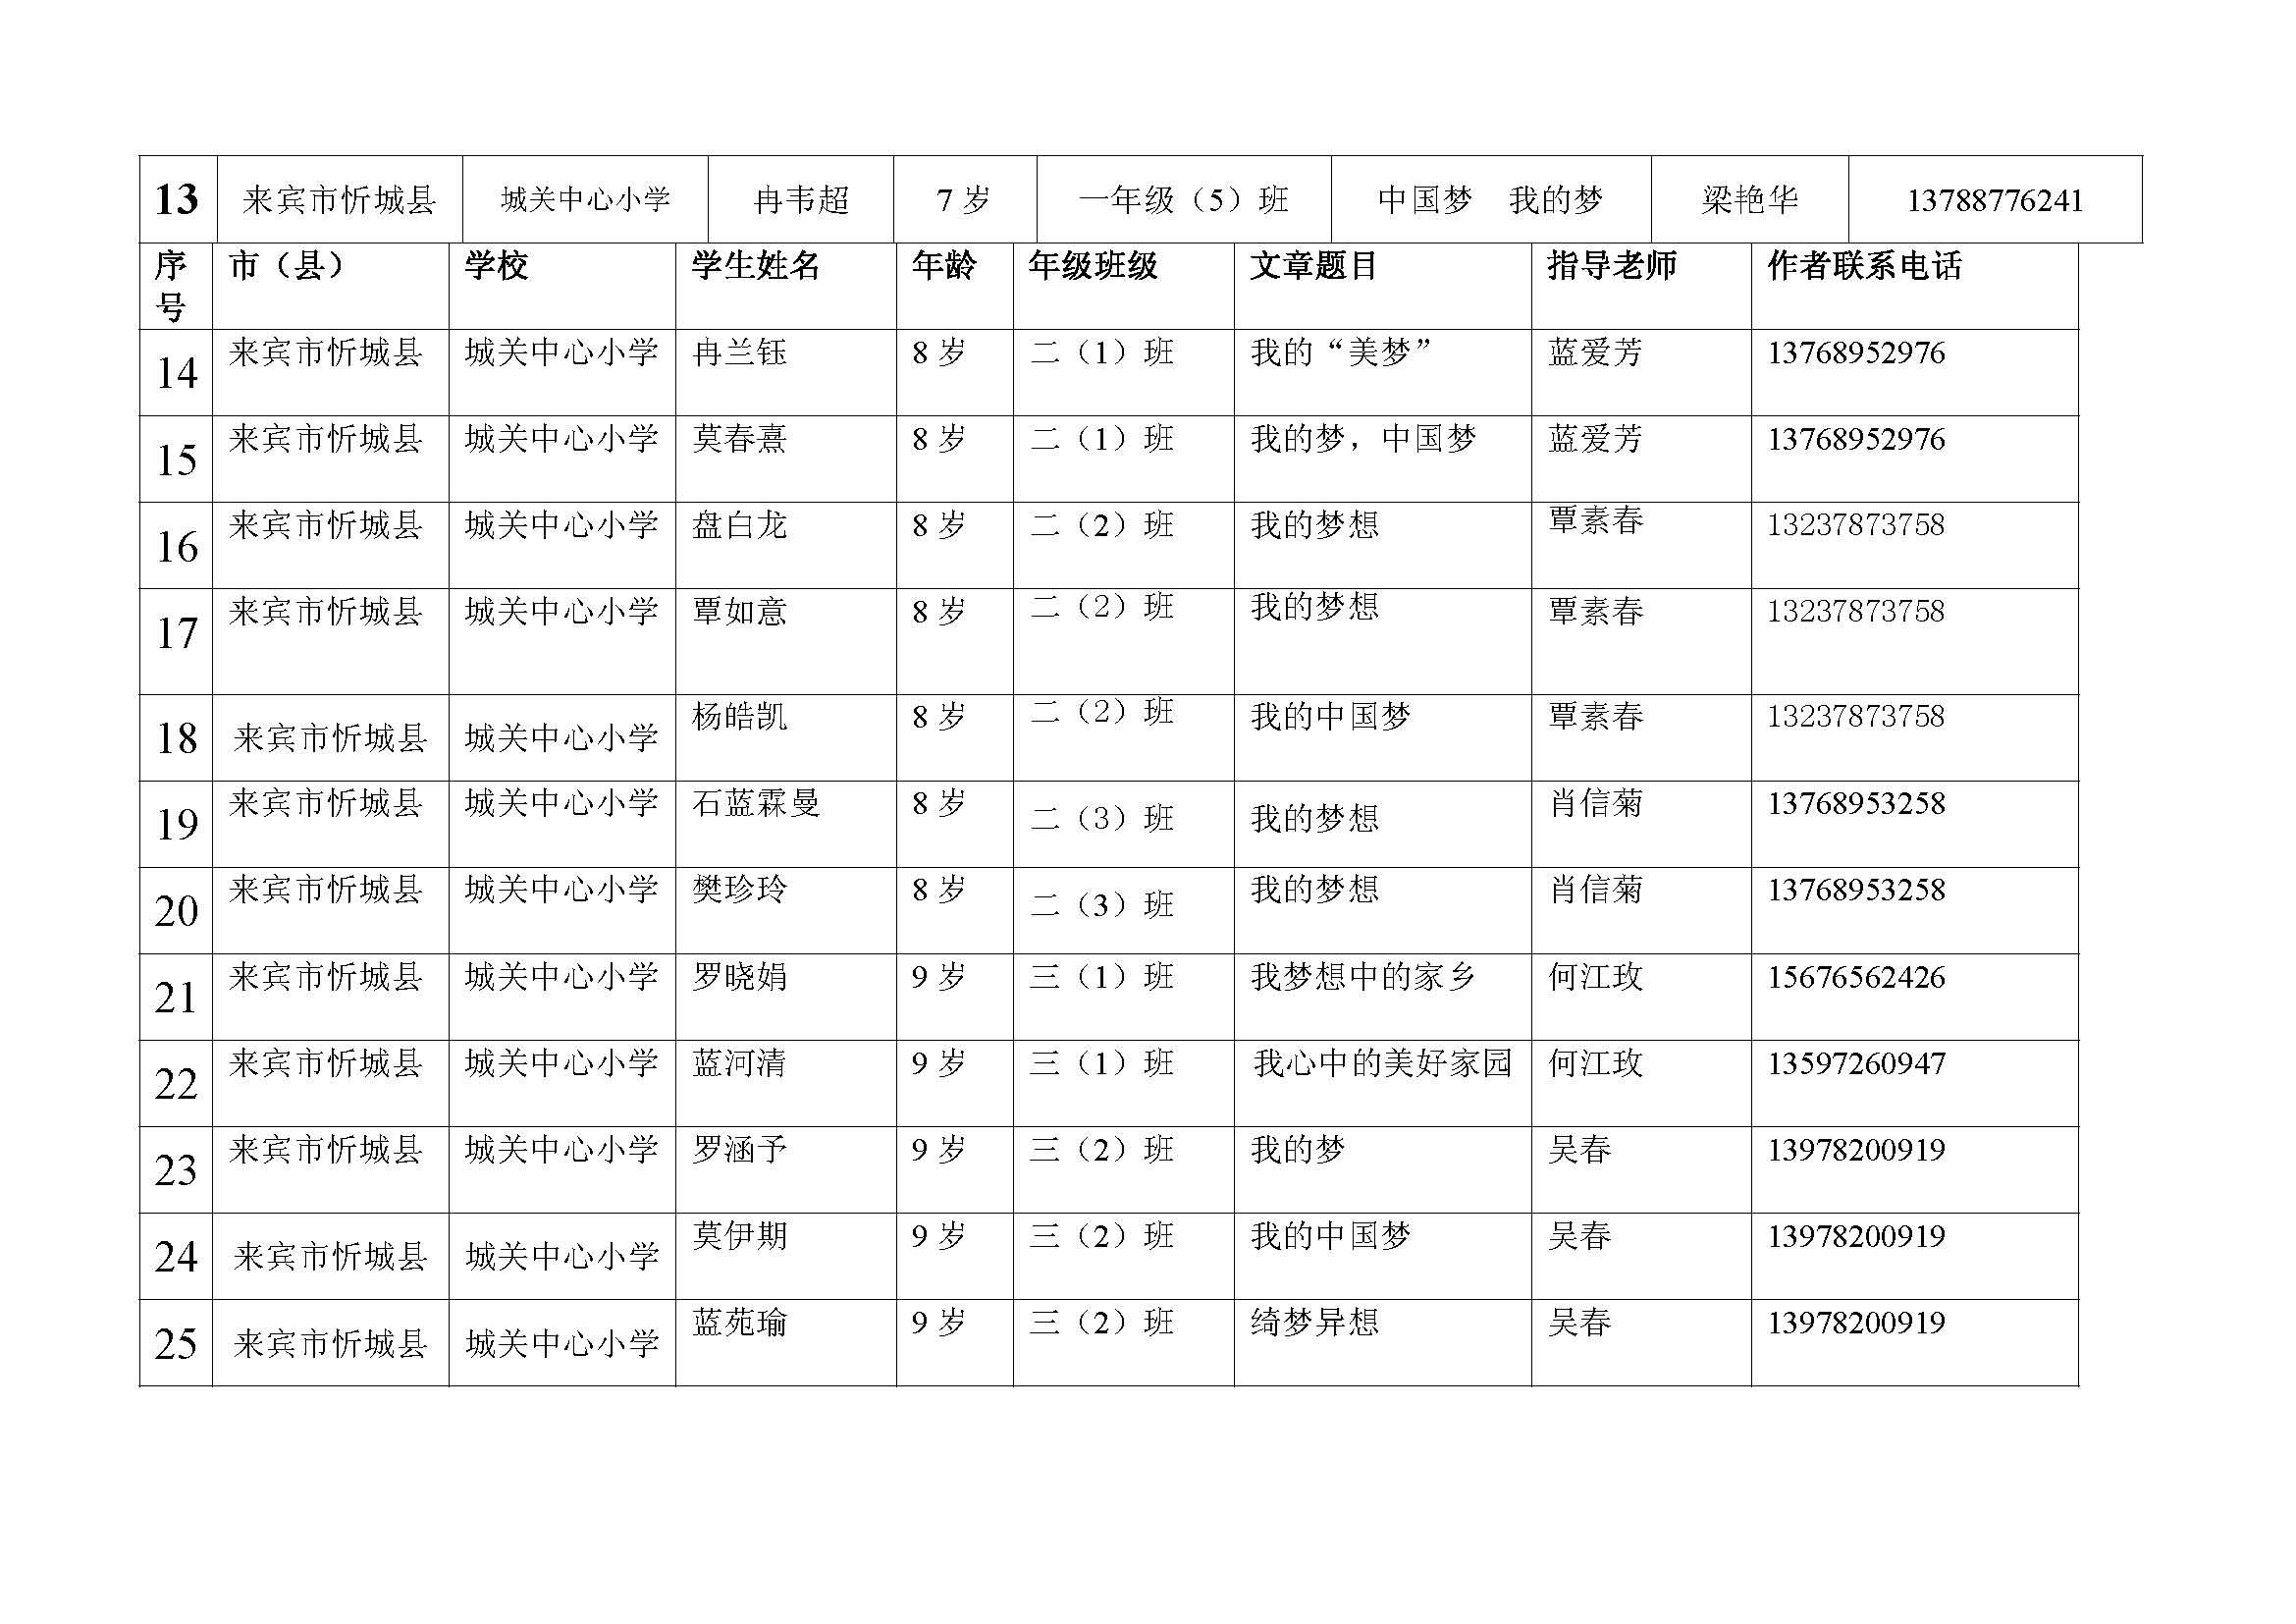 蒋勤勤演的第二梦_中国梦征文比赛范文_函的范文_毕业论文格式模板范文_通知范文